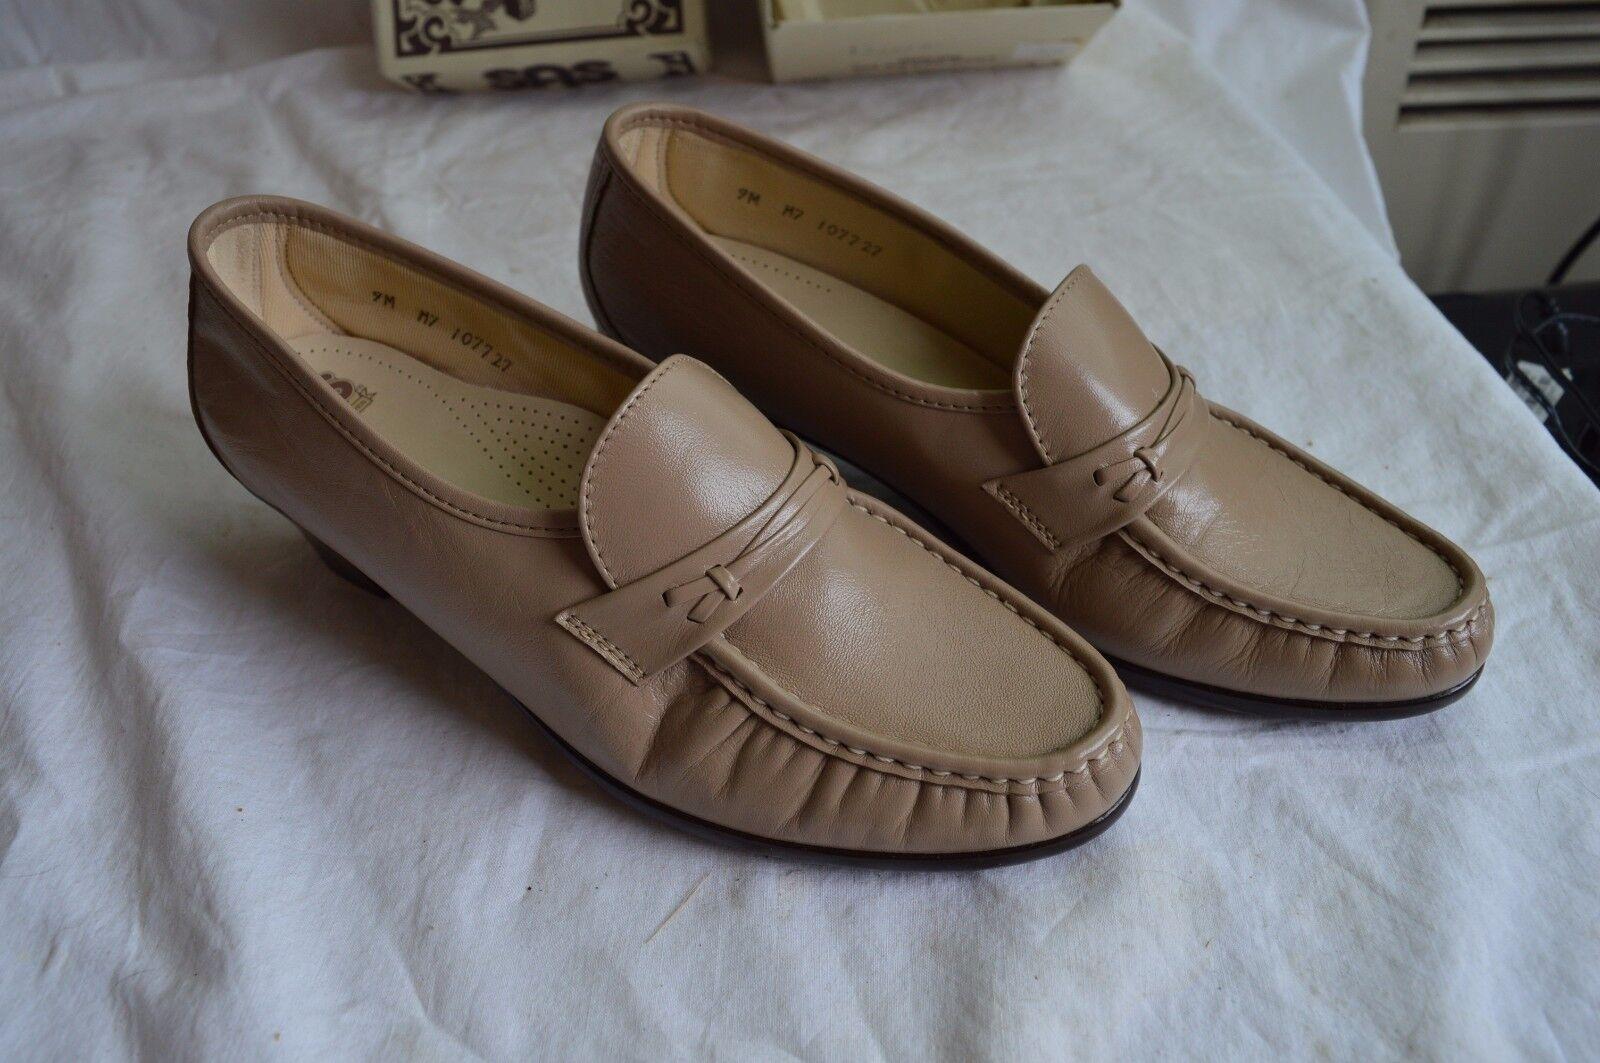 Nuevo zapatos Vestido de confort Genuino SAS zapatos Nuevo  para Caminar fácil Mocha Cuero 9M de 9 Mediana Con Caja 2f0249